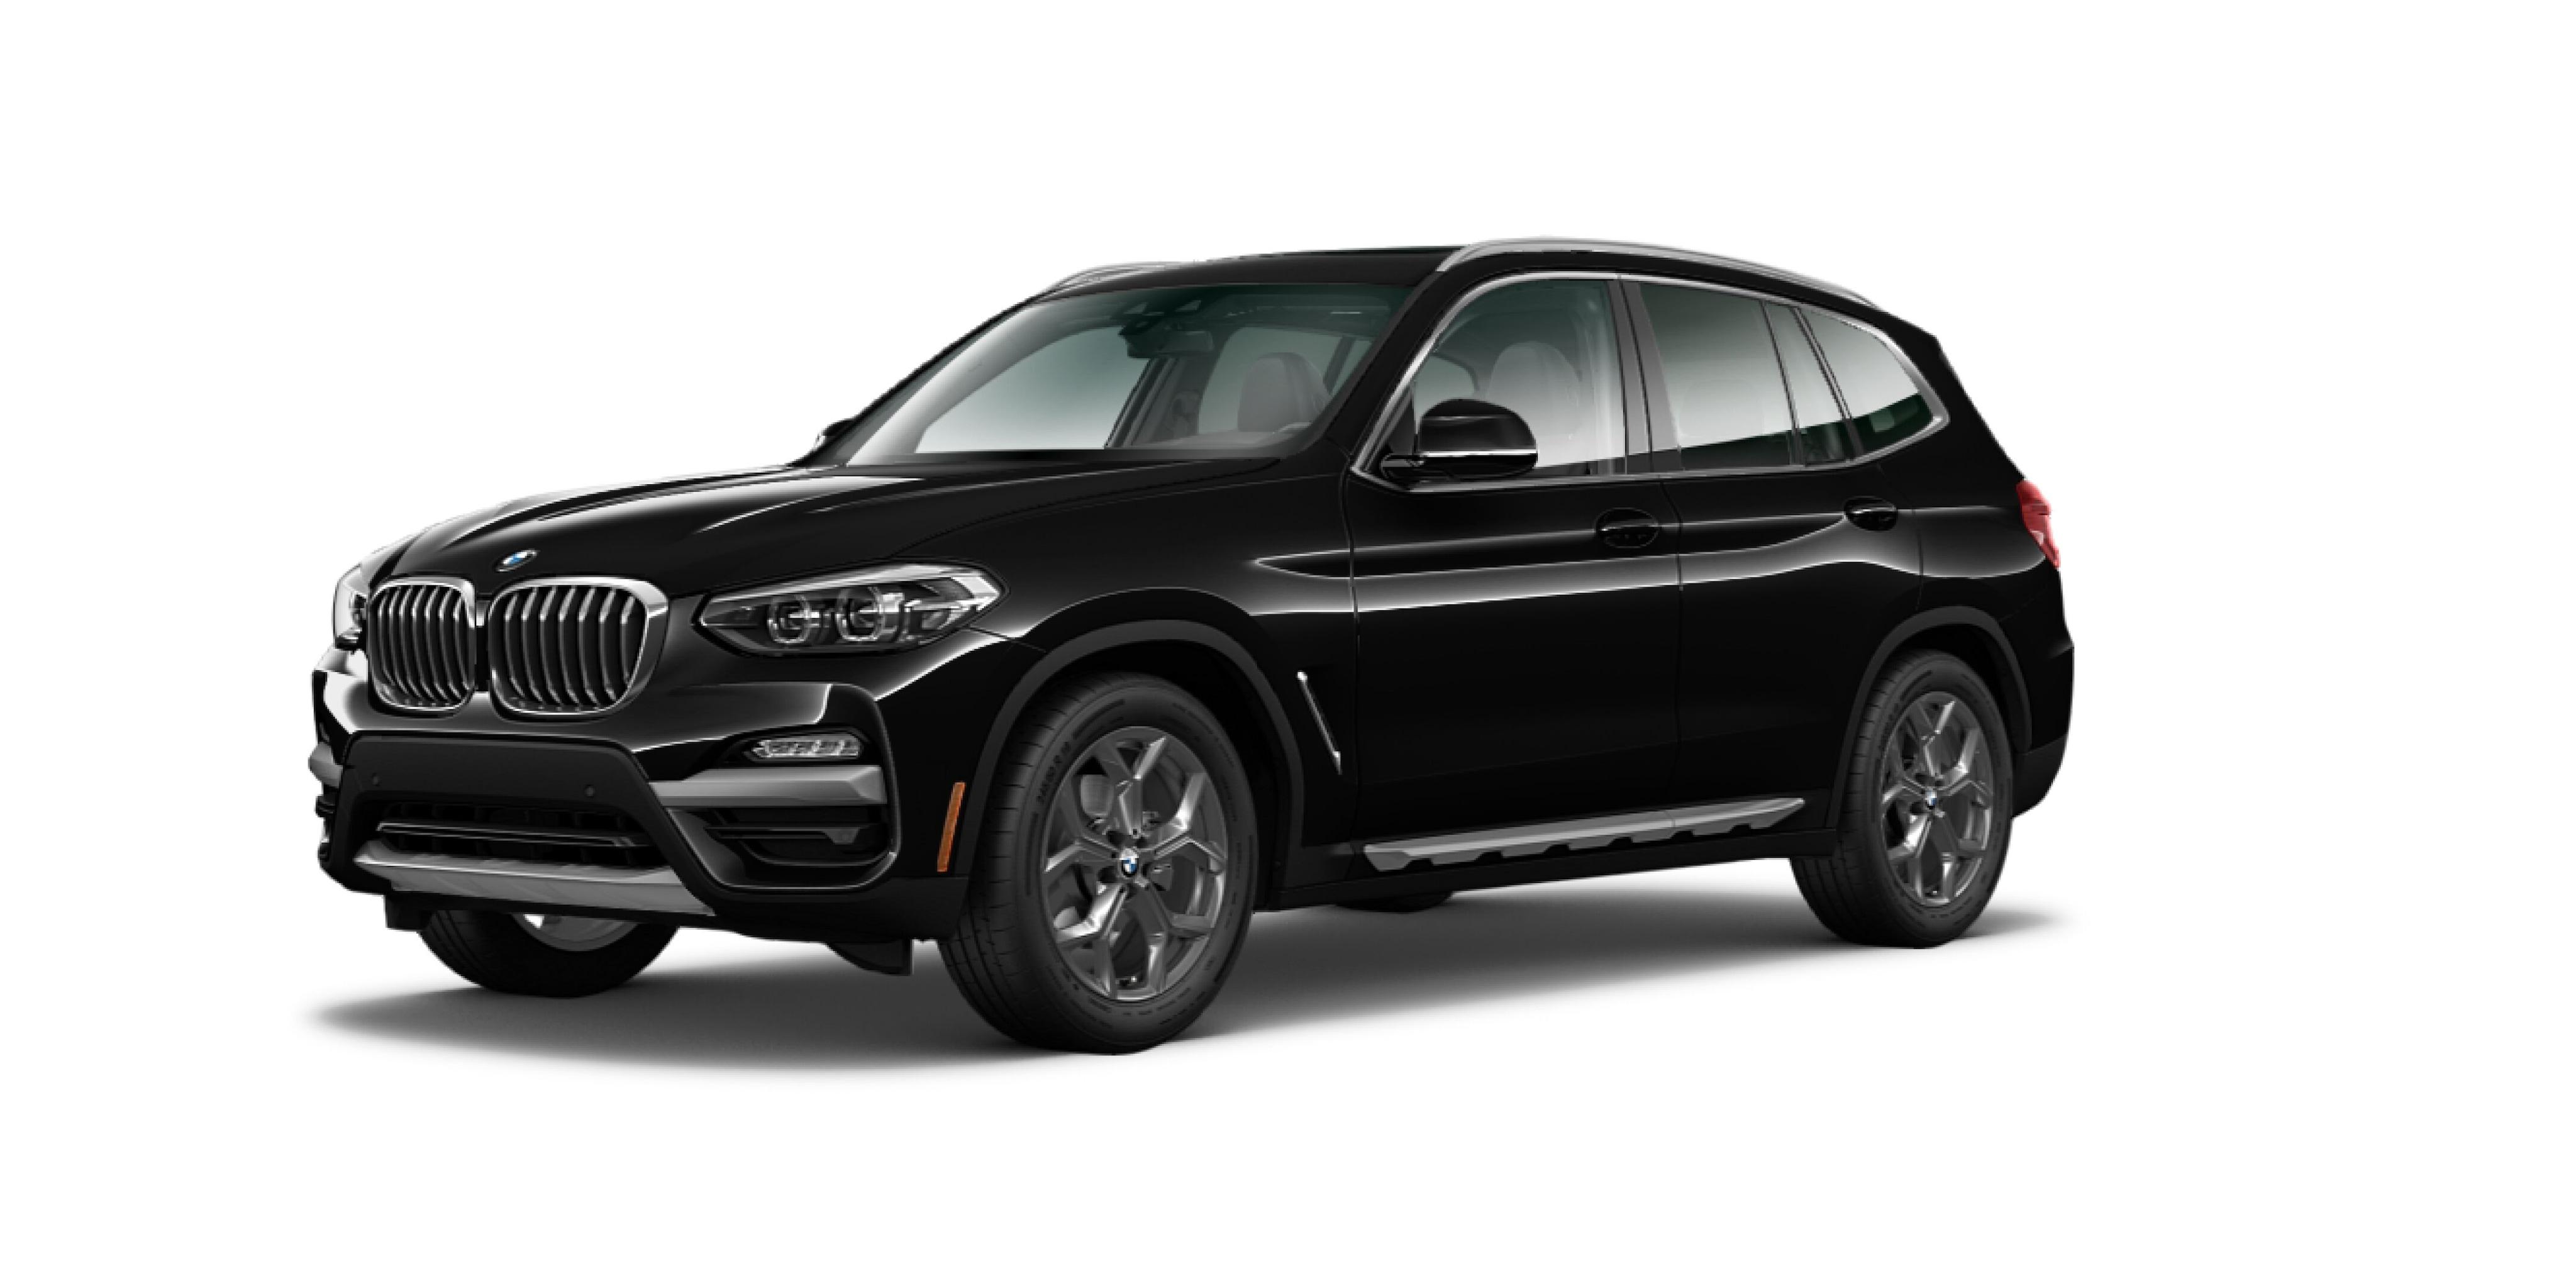 New 2020 BMW X3 For Sale | Boston MA | Serving Cambridge